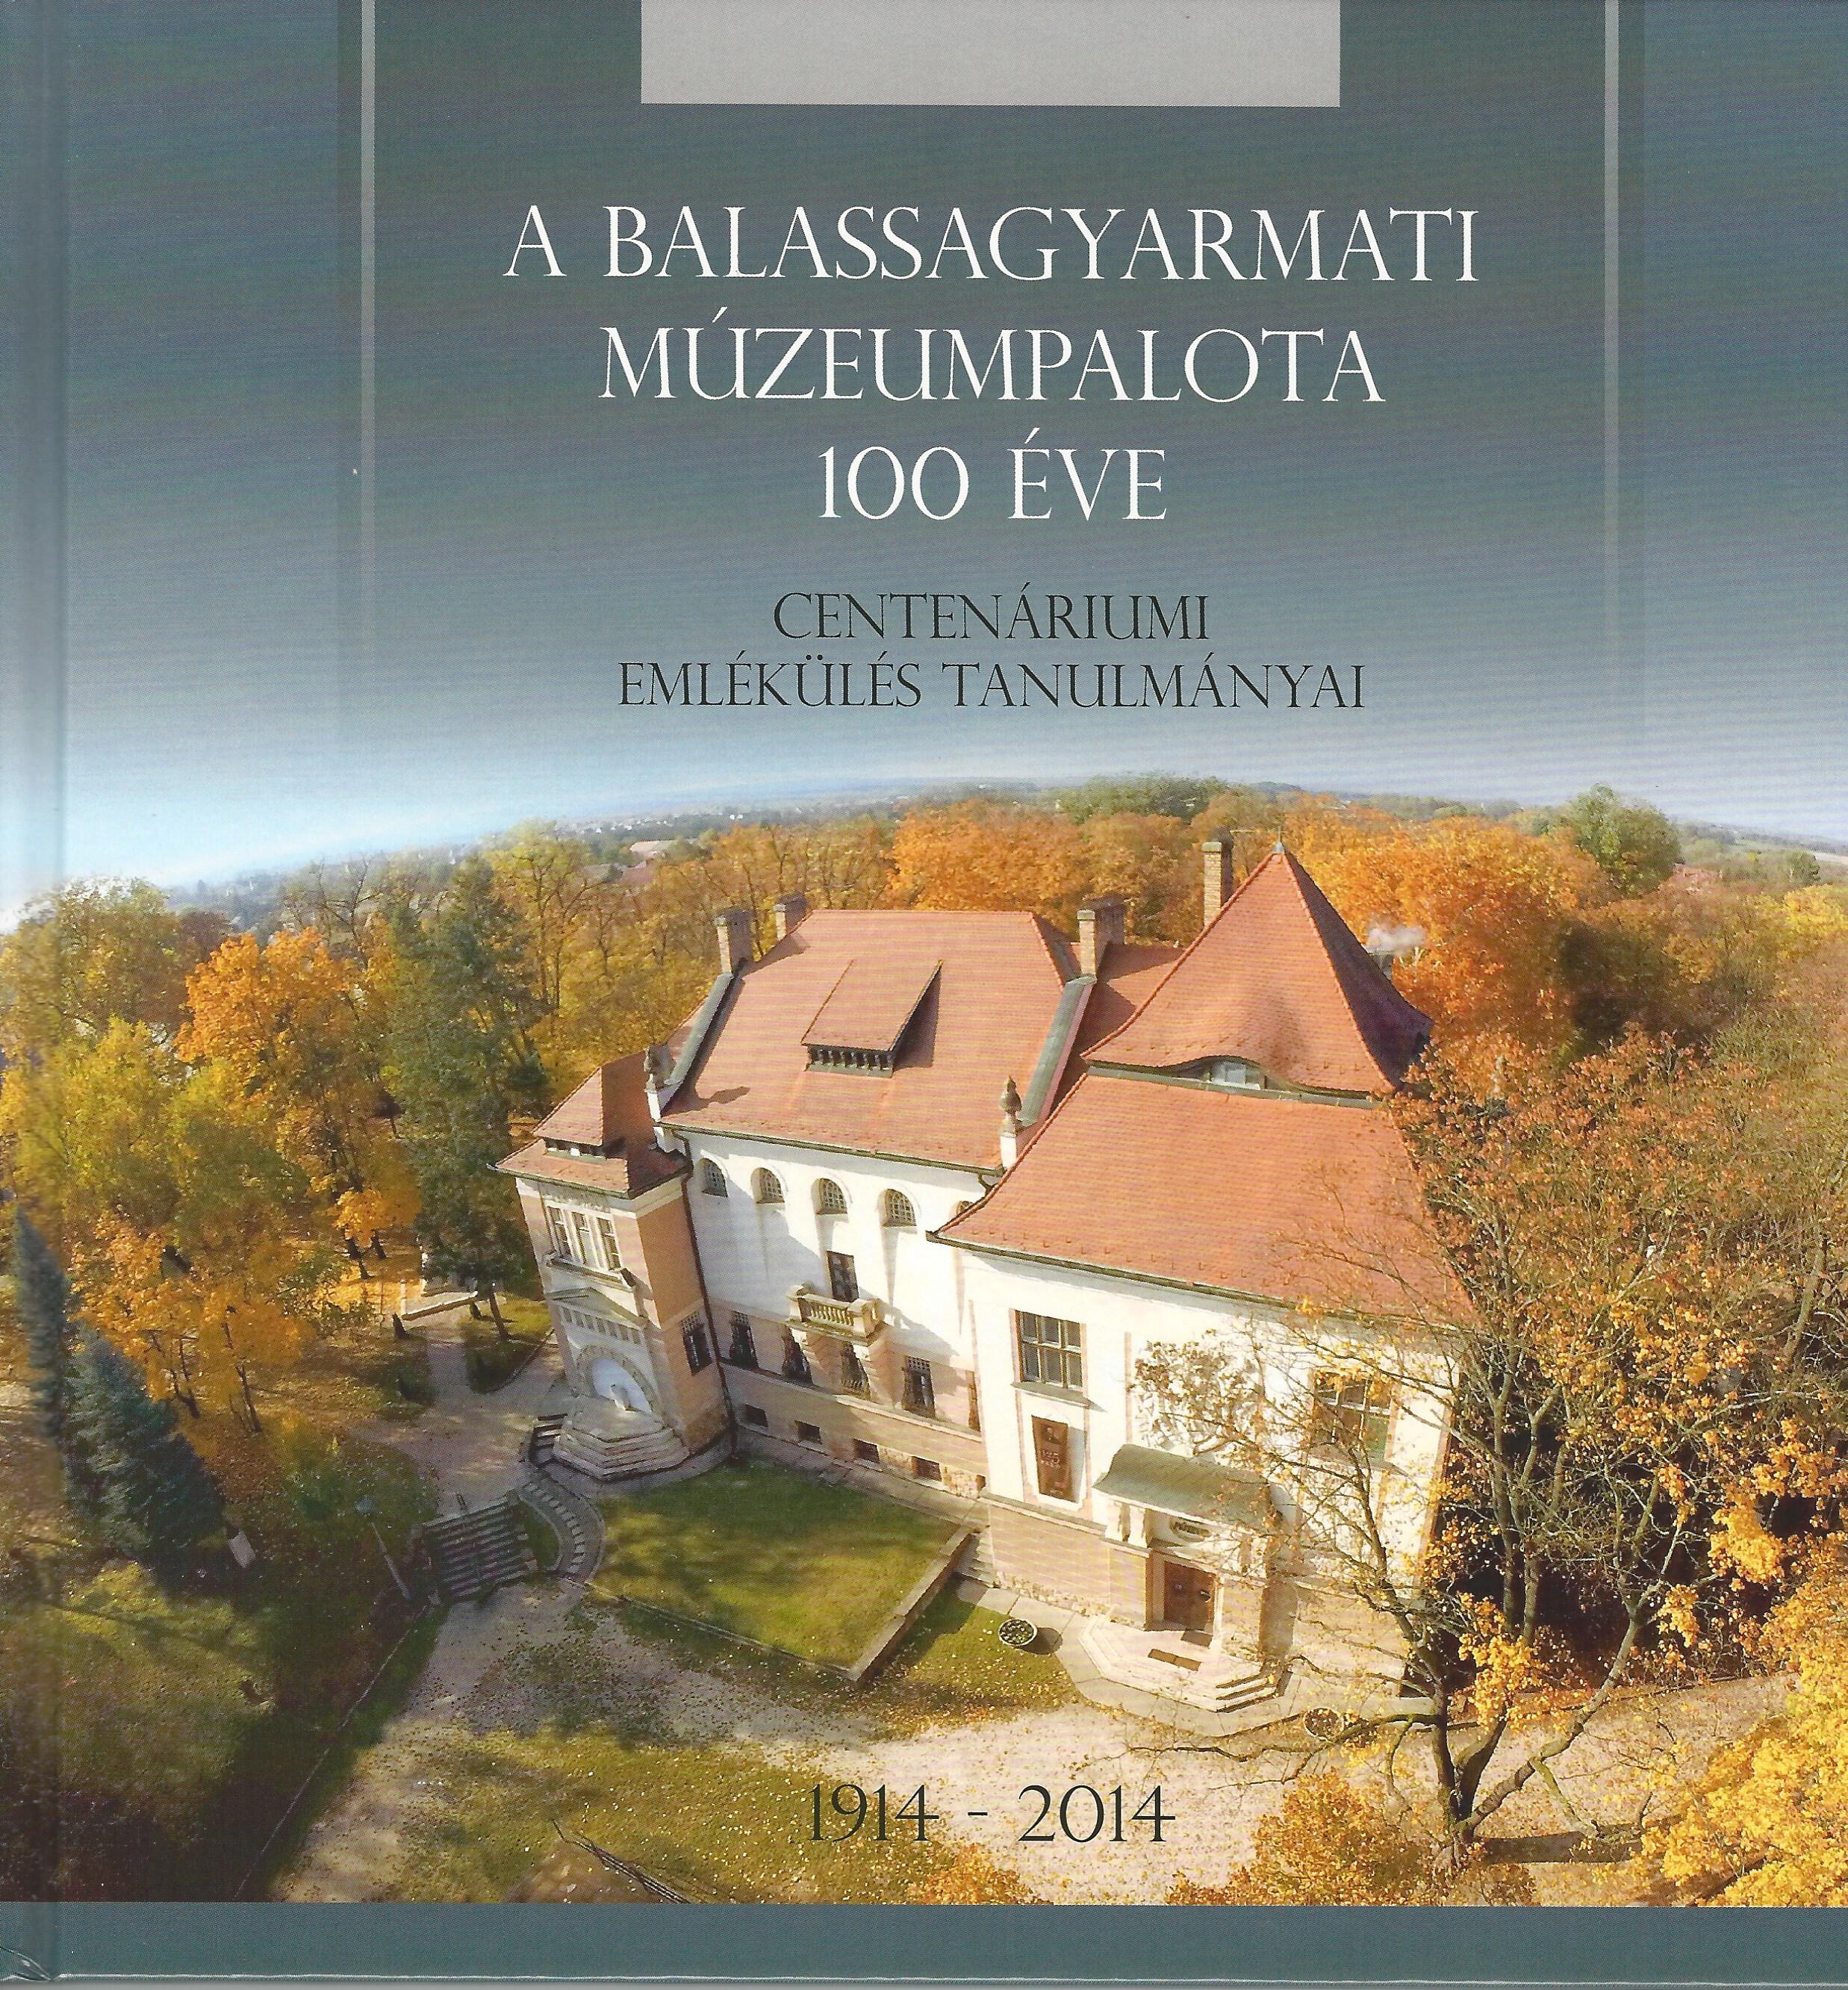 100 éves múzeumpalota kiadvány borító